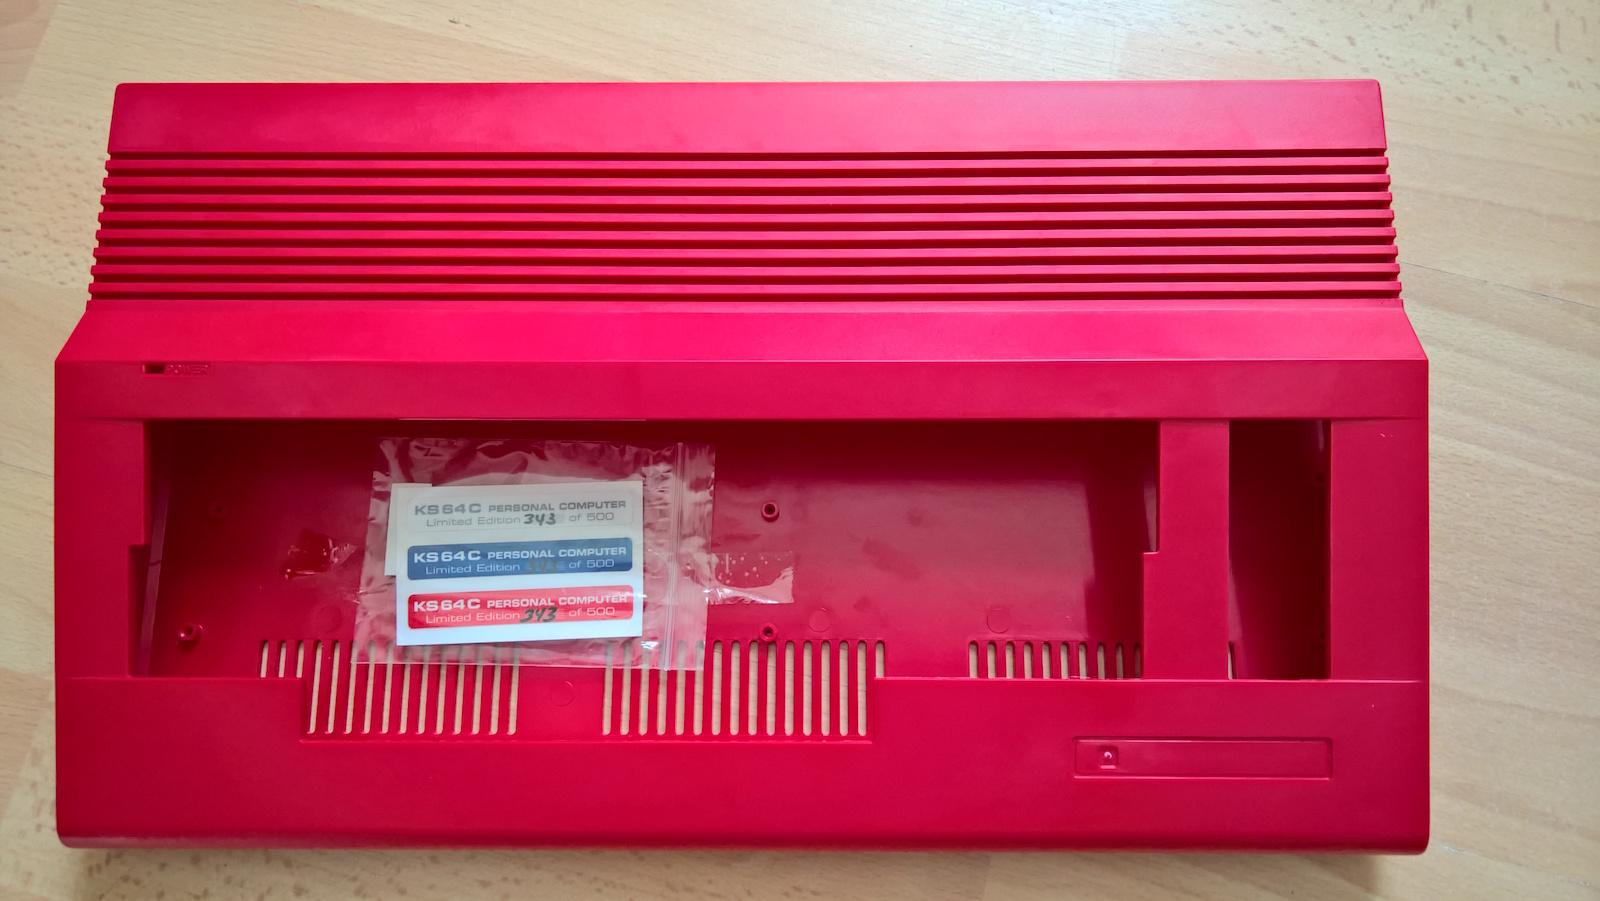 Limitiertes ks64 Case in rot, Nummer 343 von 500. (Bild: Stefan Vogt)